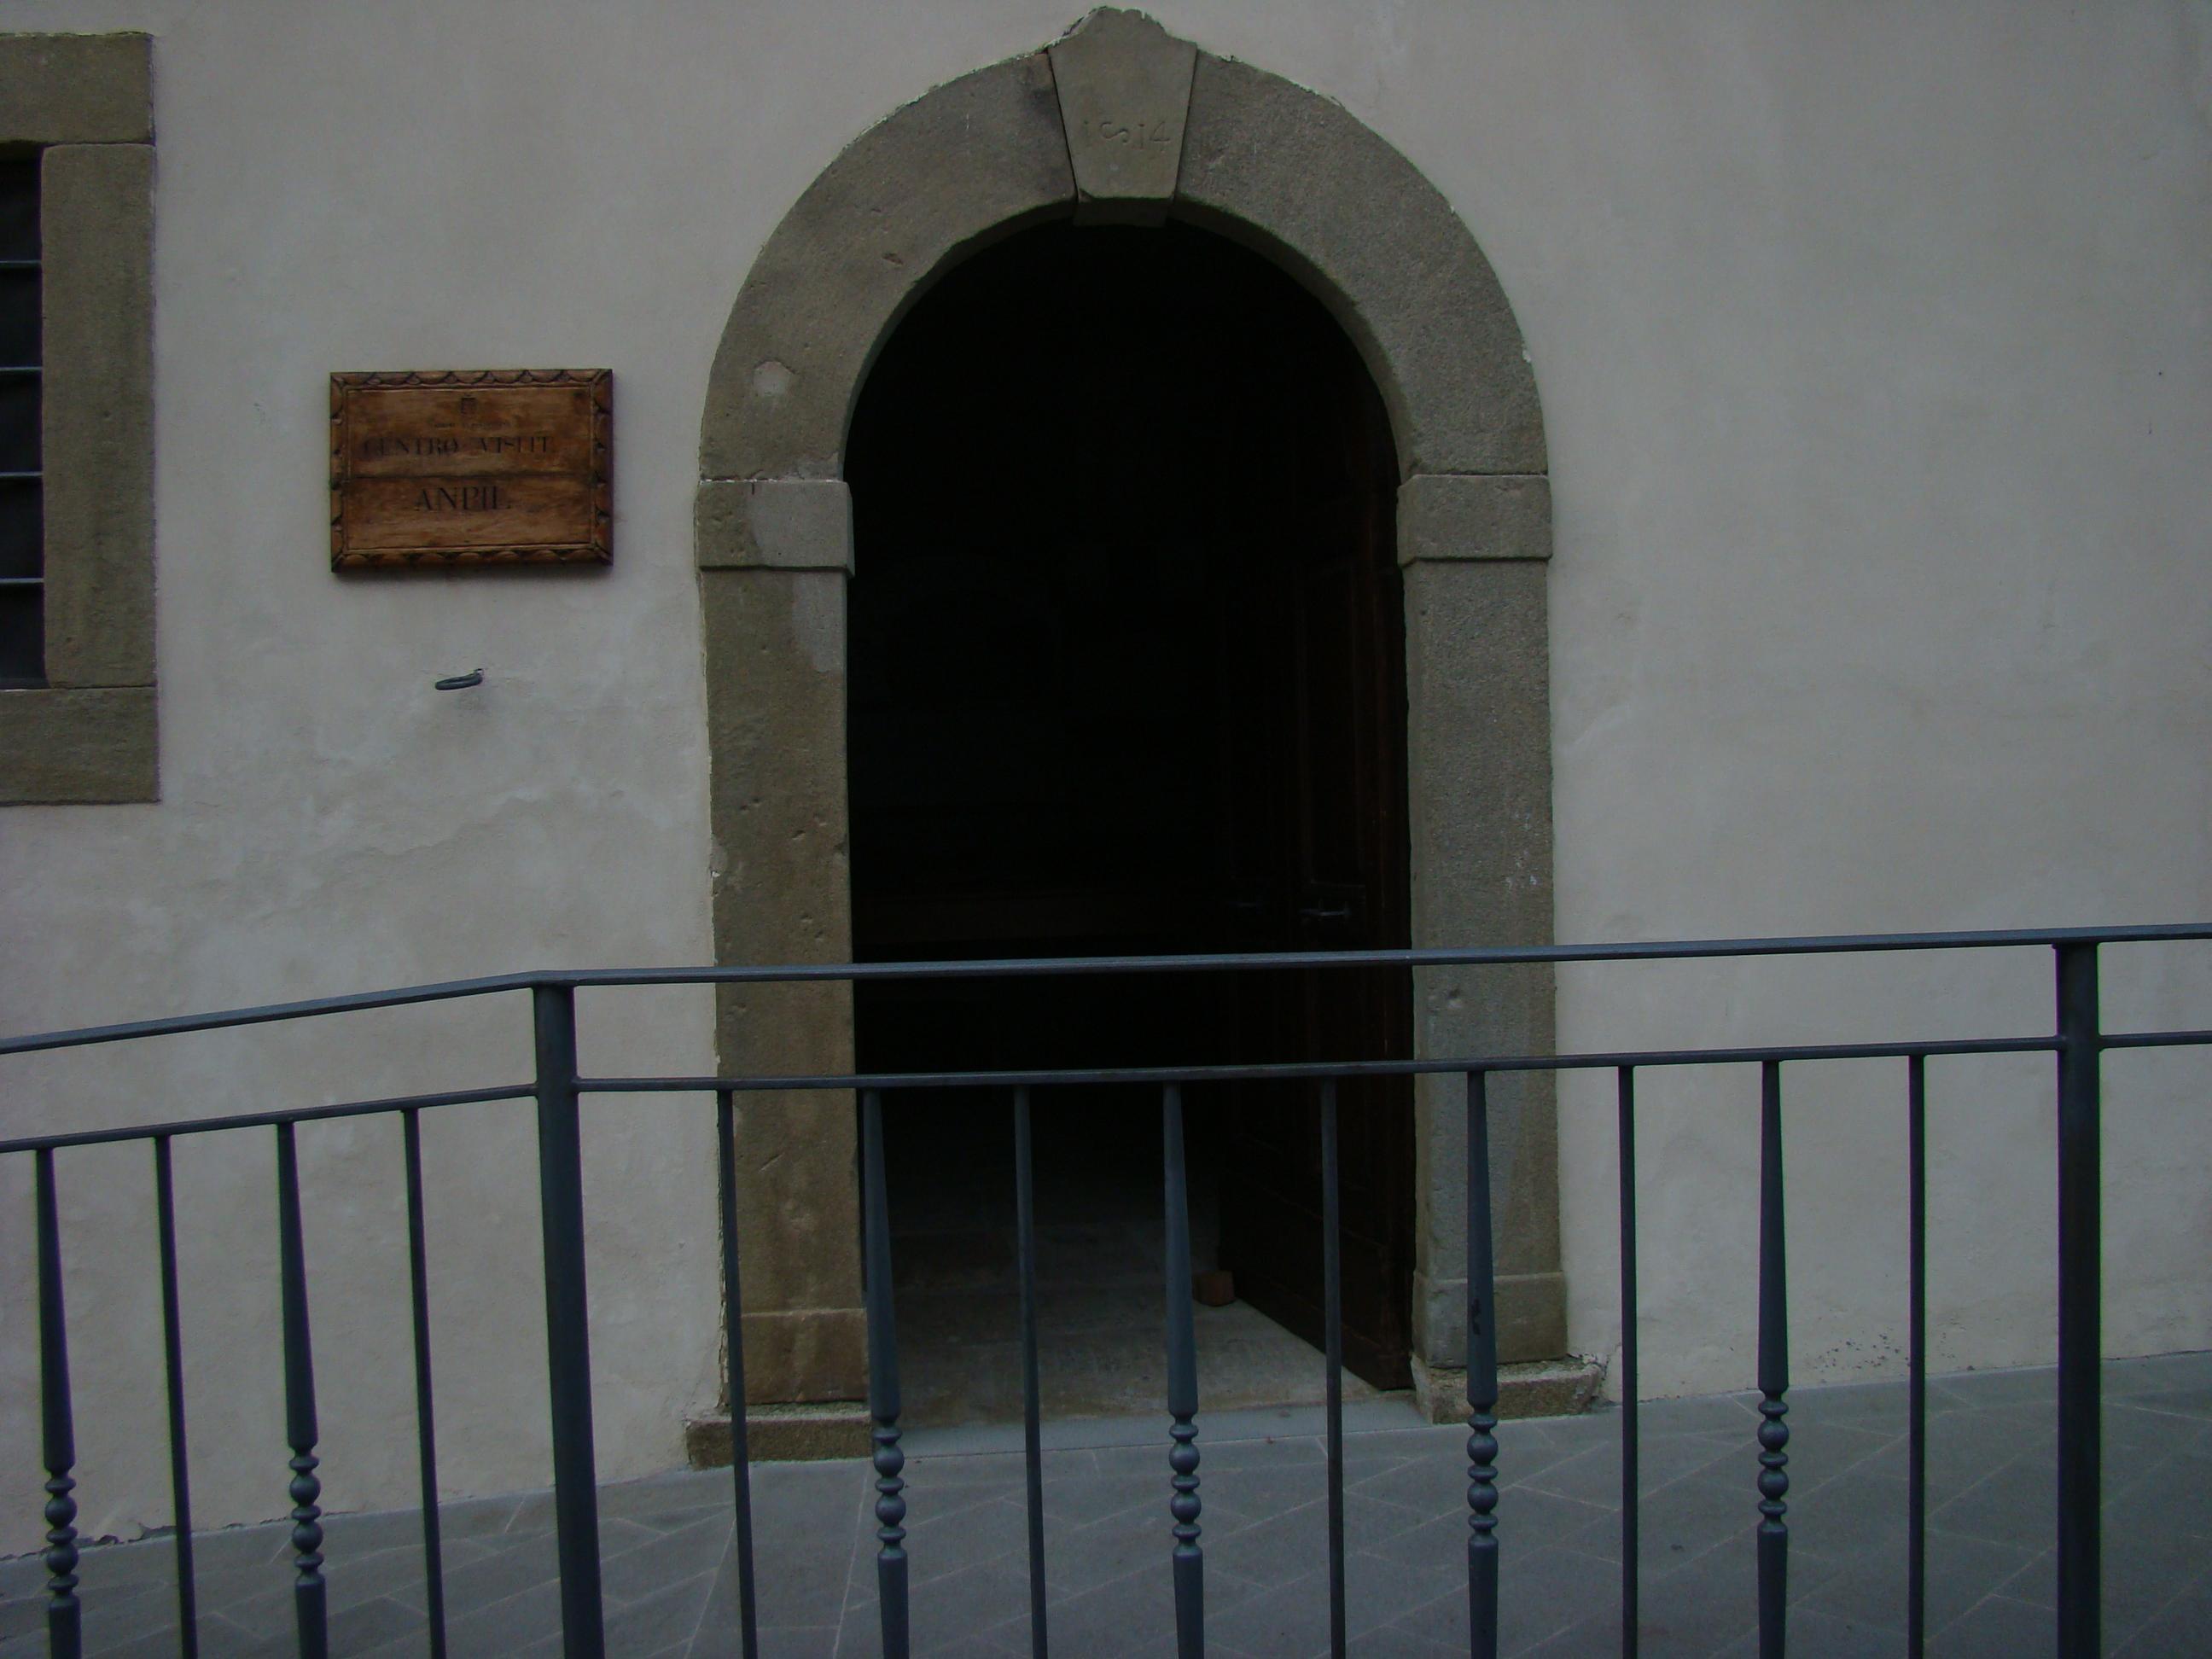 Il Centro Visite della ANPIL presso il Santuario della Madonna delle Grazie al Sasso (di Giuliana Profeti)